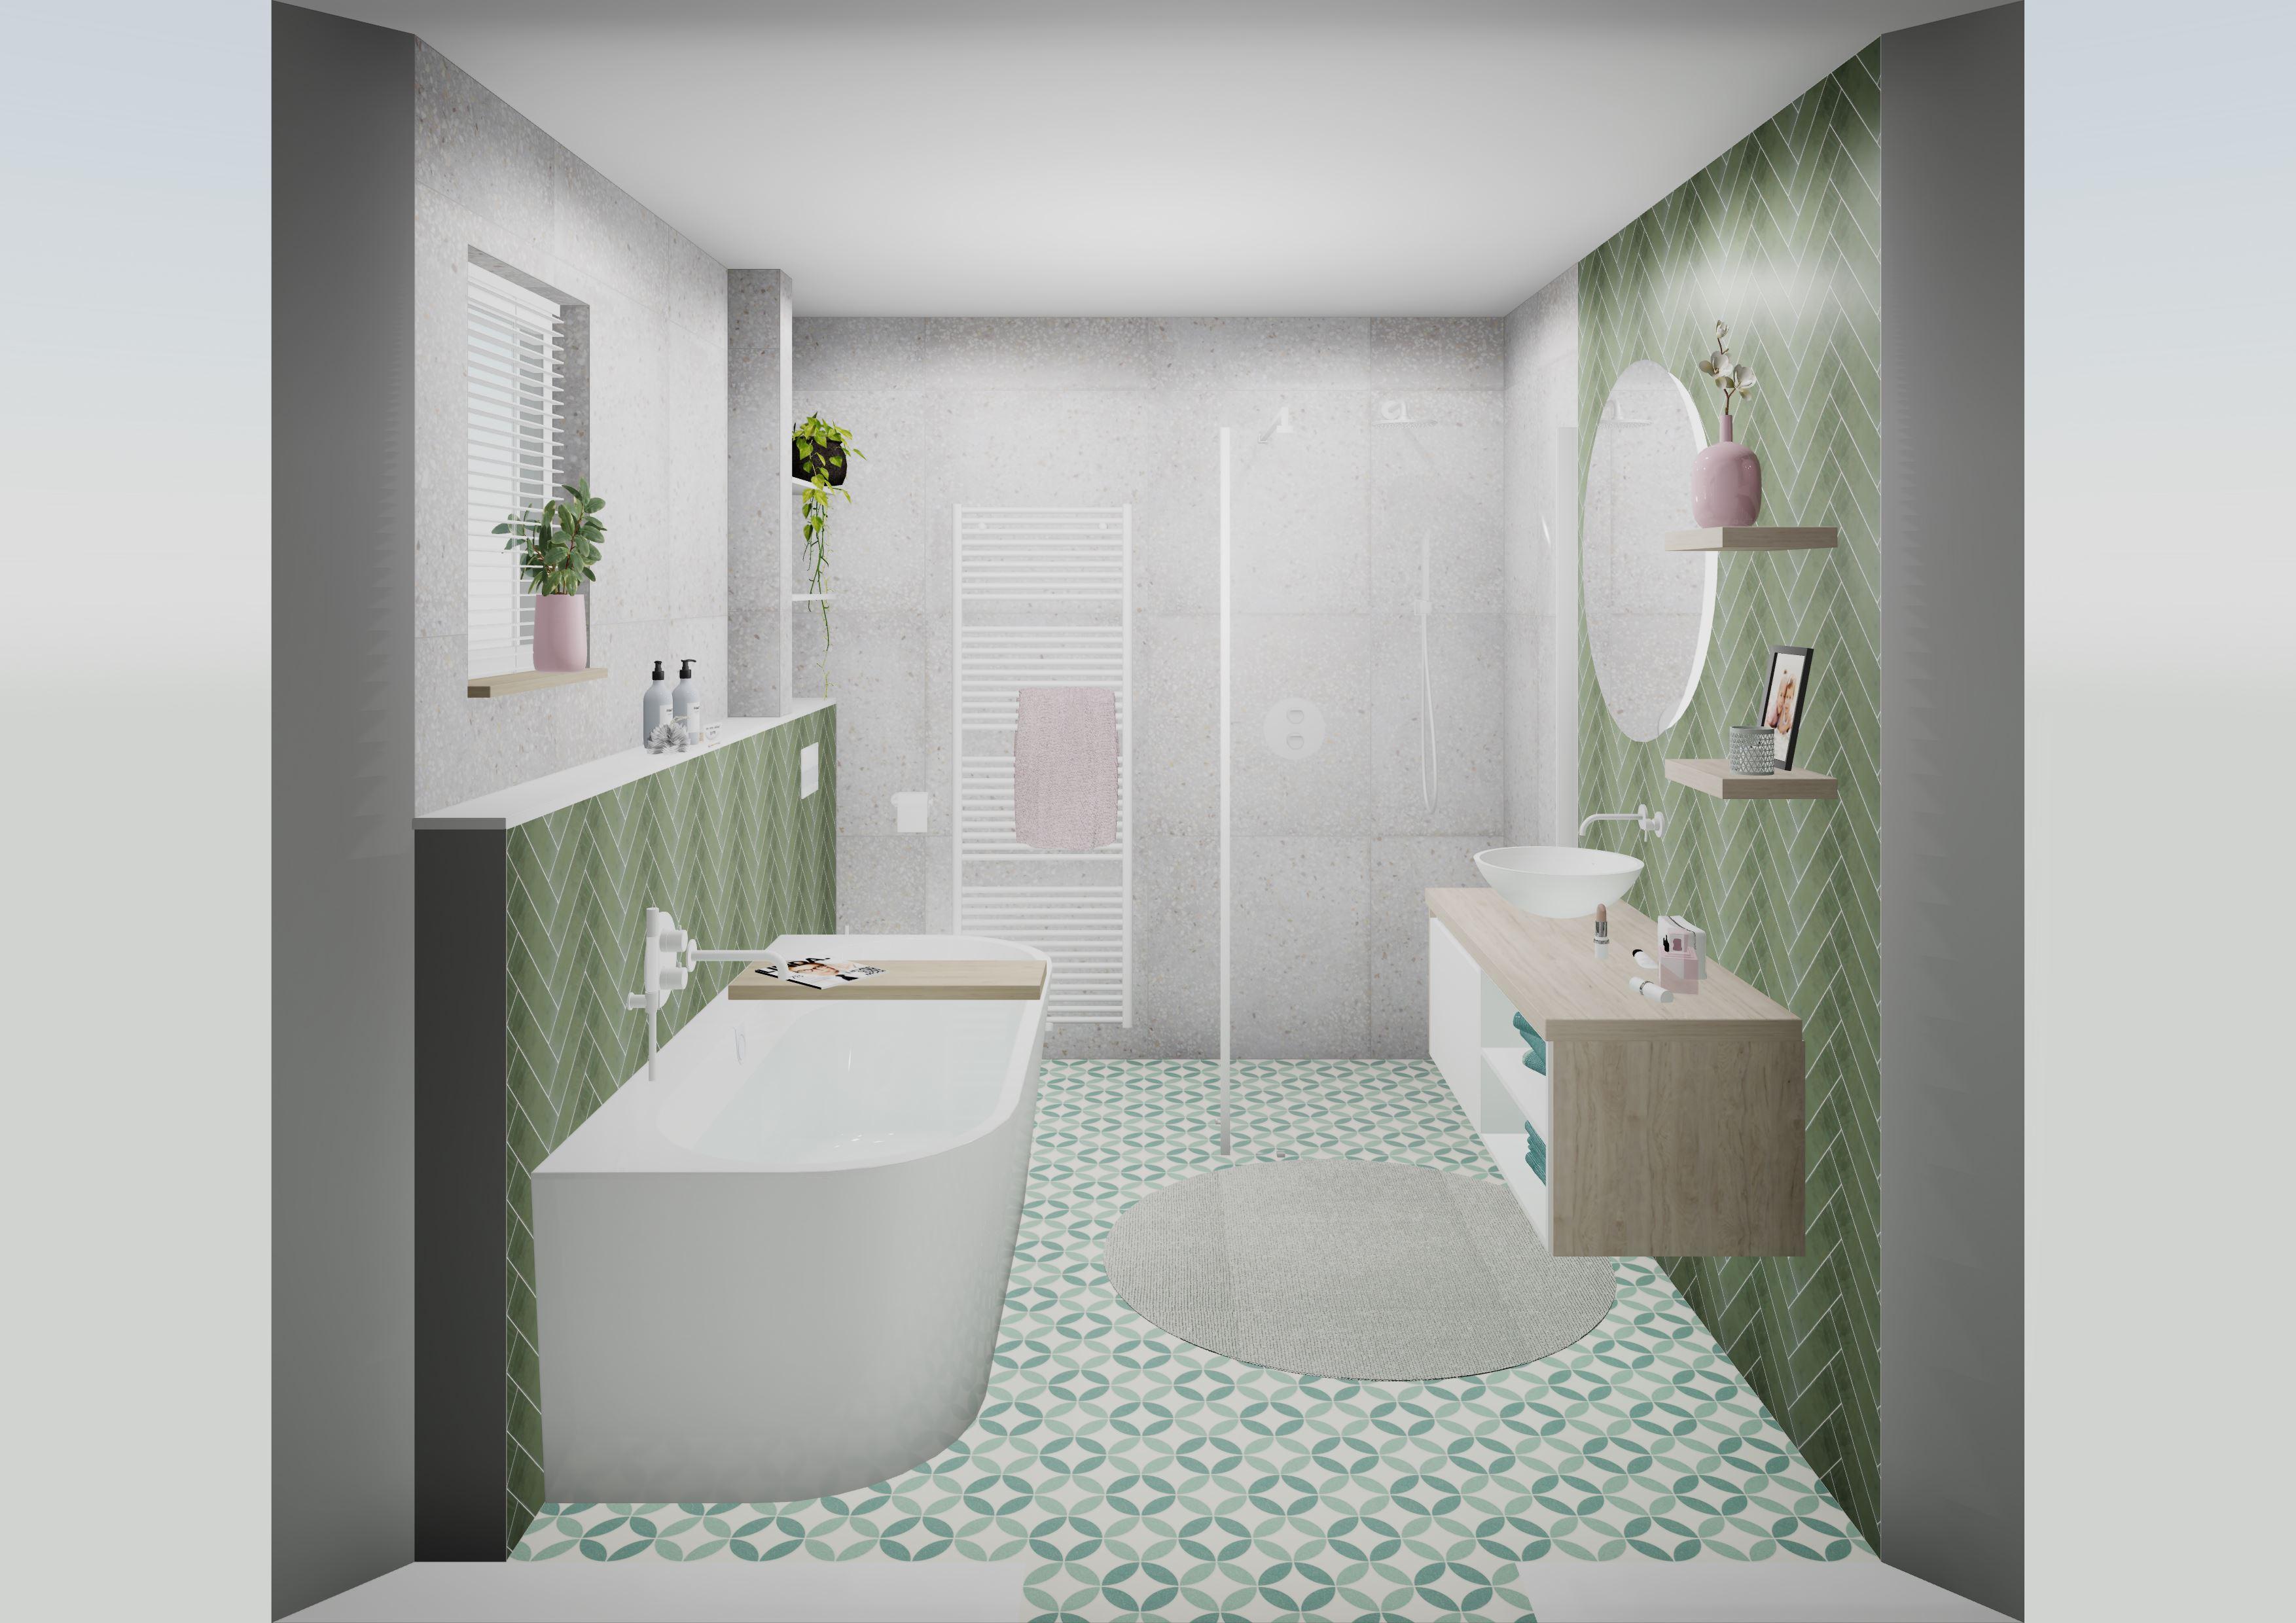 Ongebruikt Badkamer Blog | Inspiratie voor de kleine badkamer DJ-33